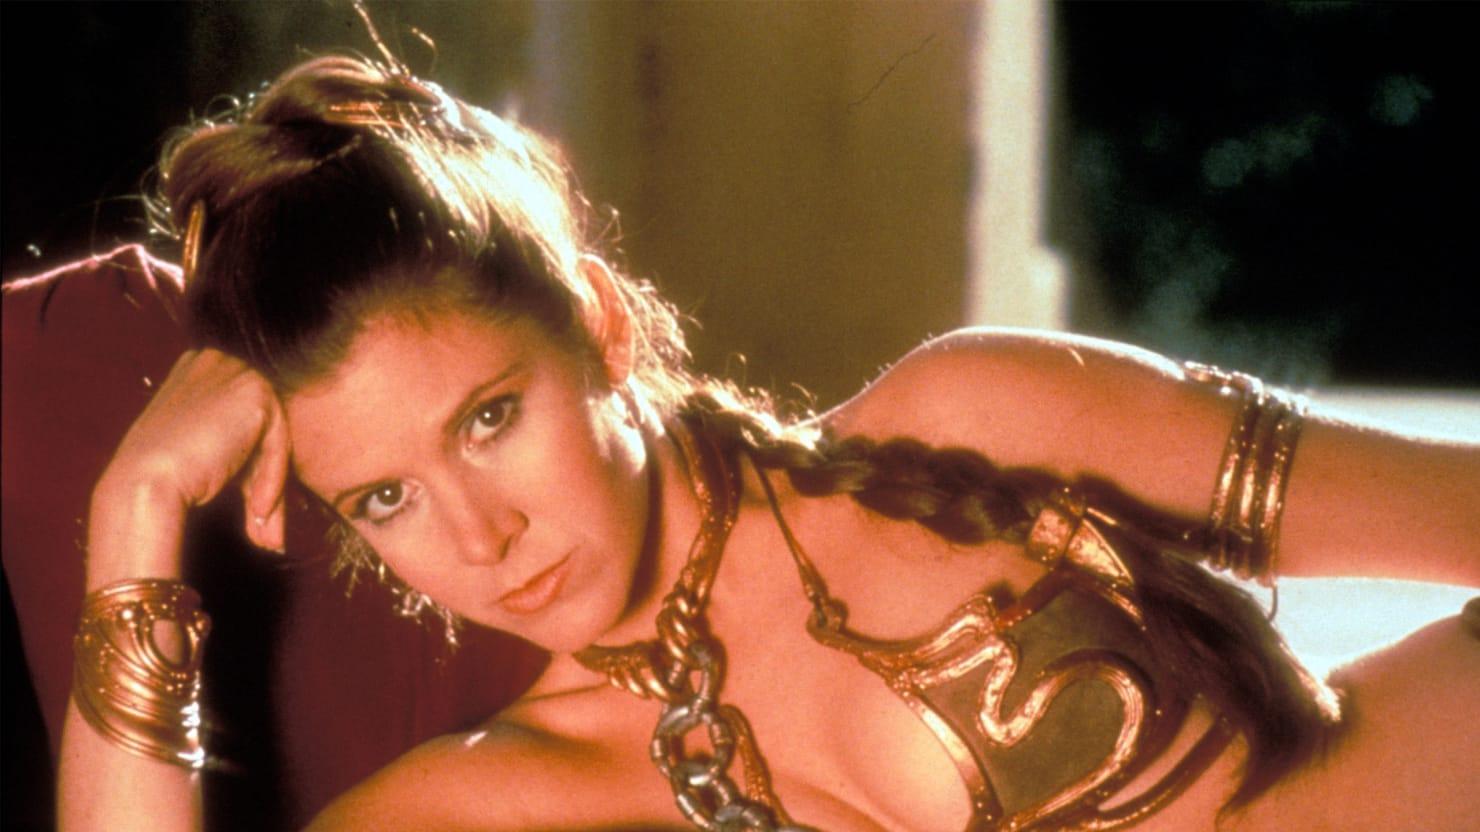 Leia golden bikini